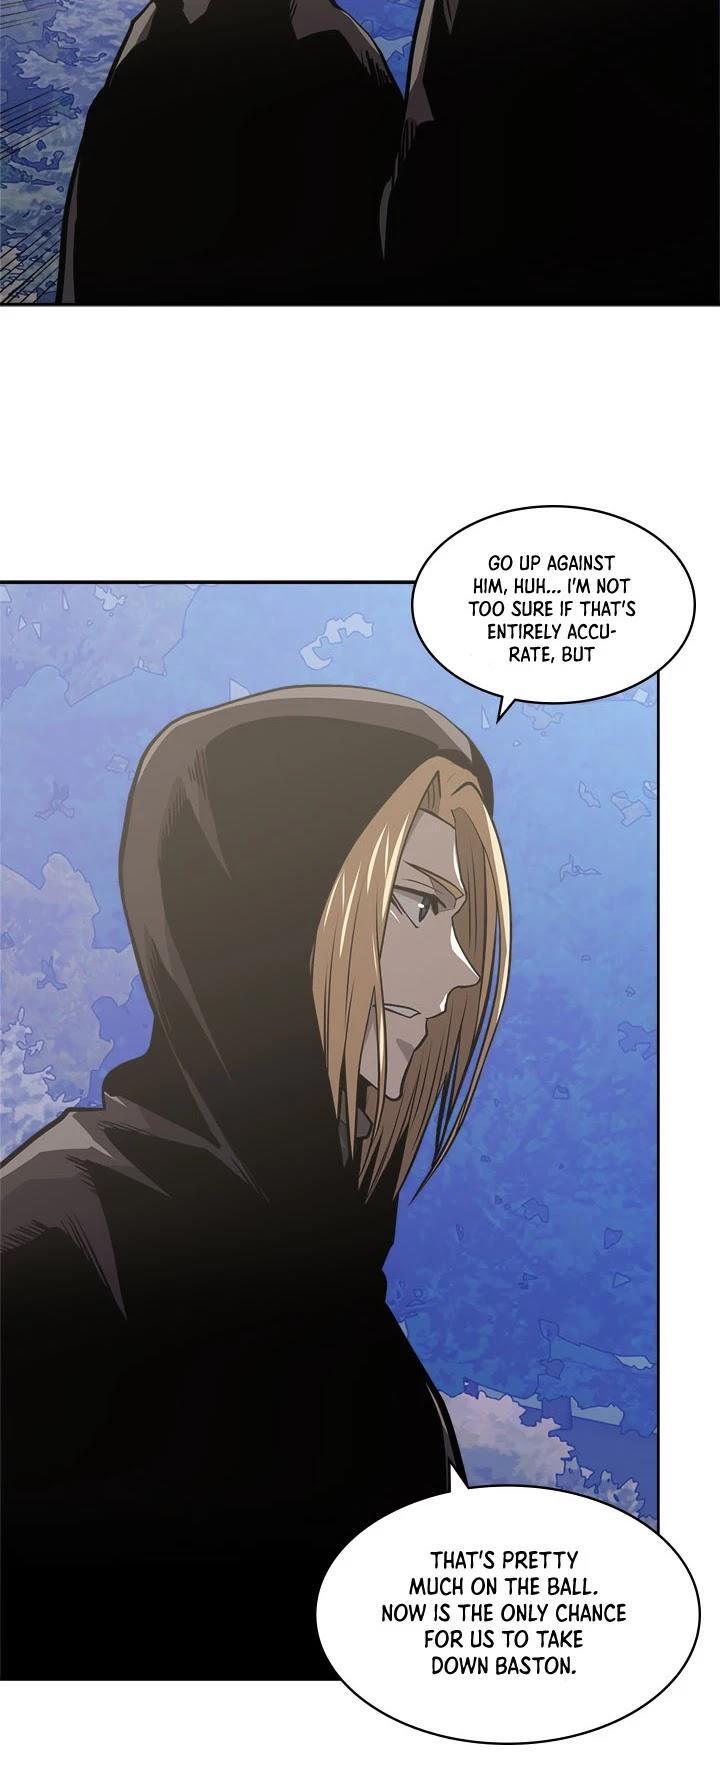 Other World Warrior Chapter 164: Season 4 Ch 52 page 33 - Mangakakalot